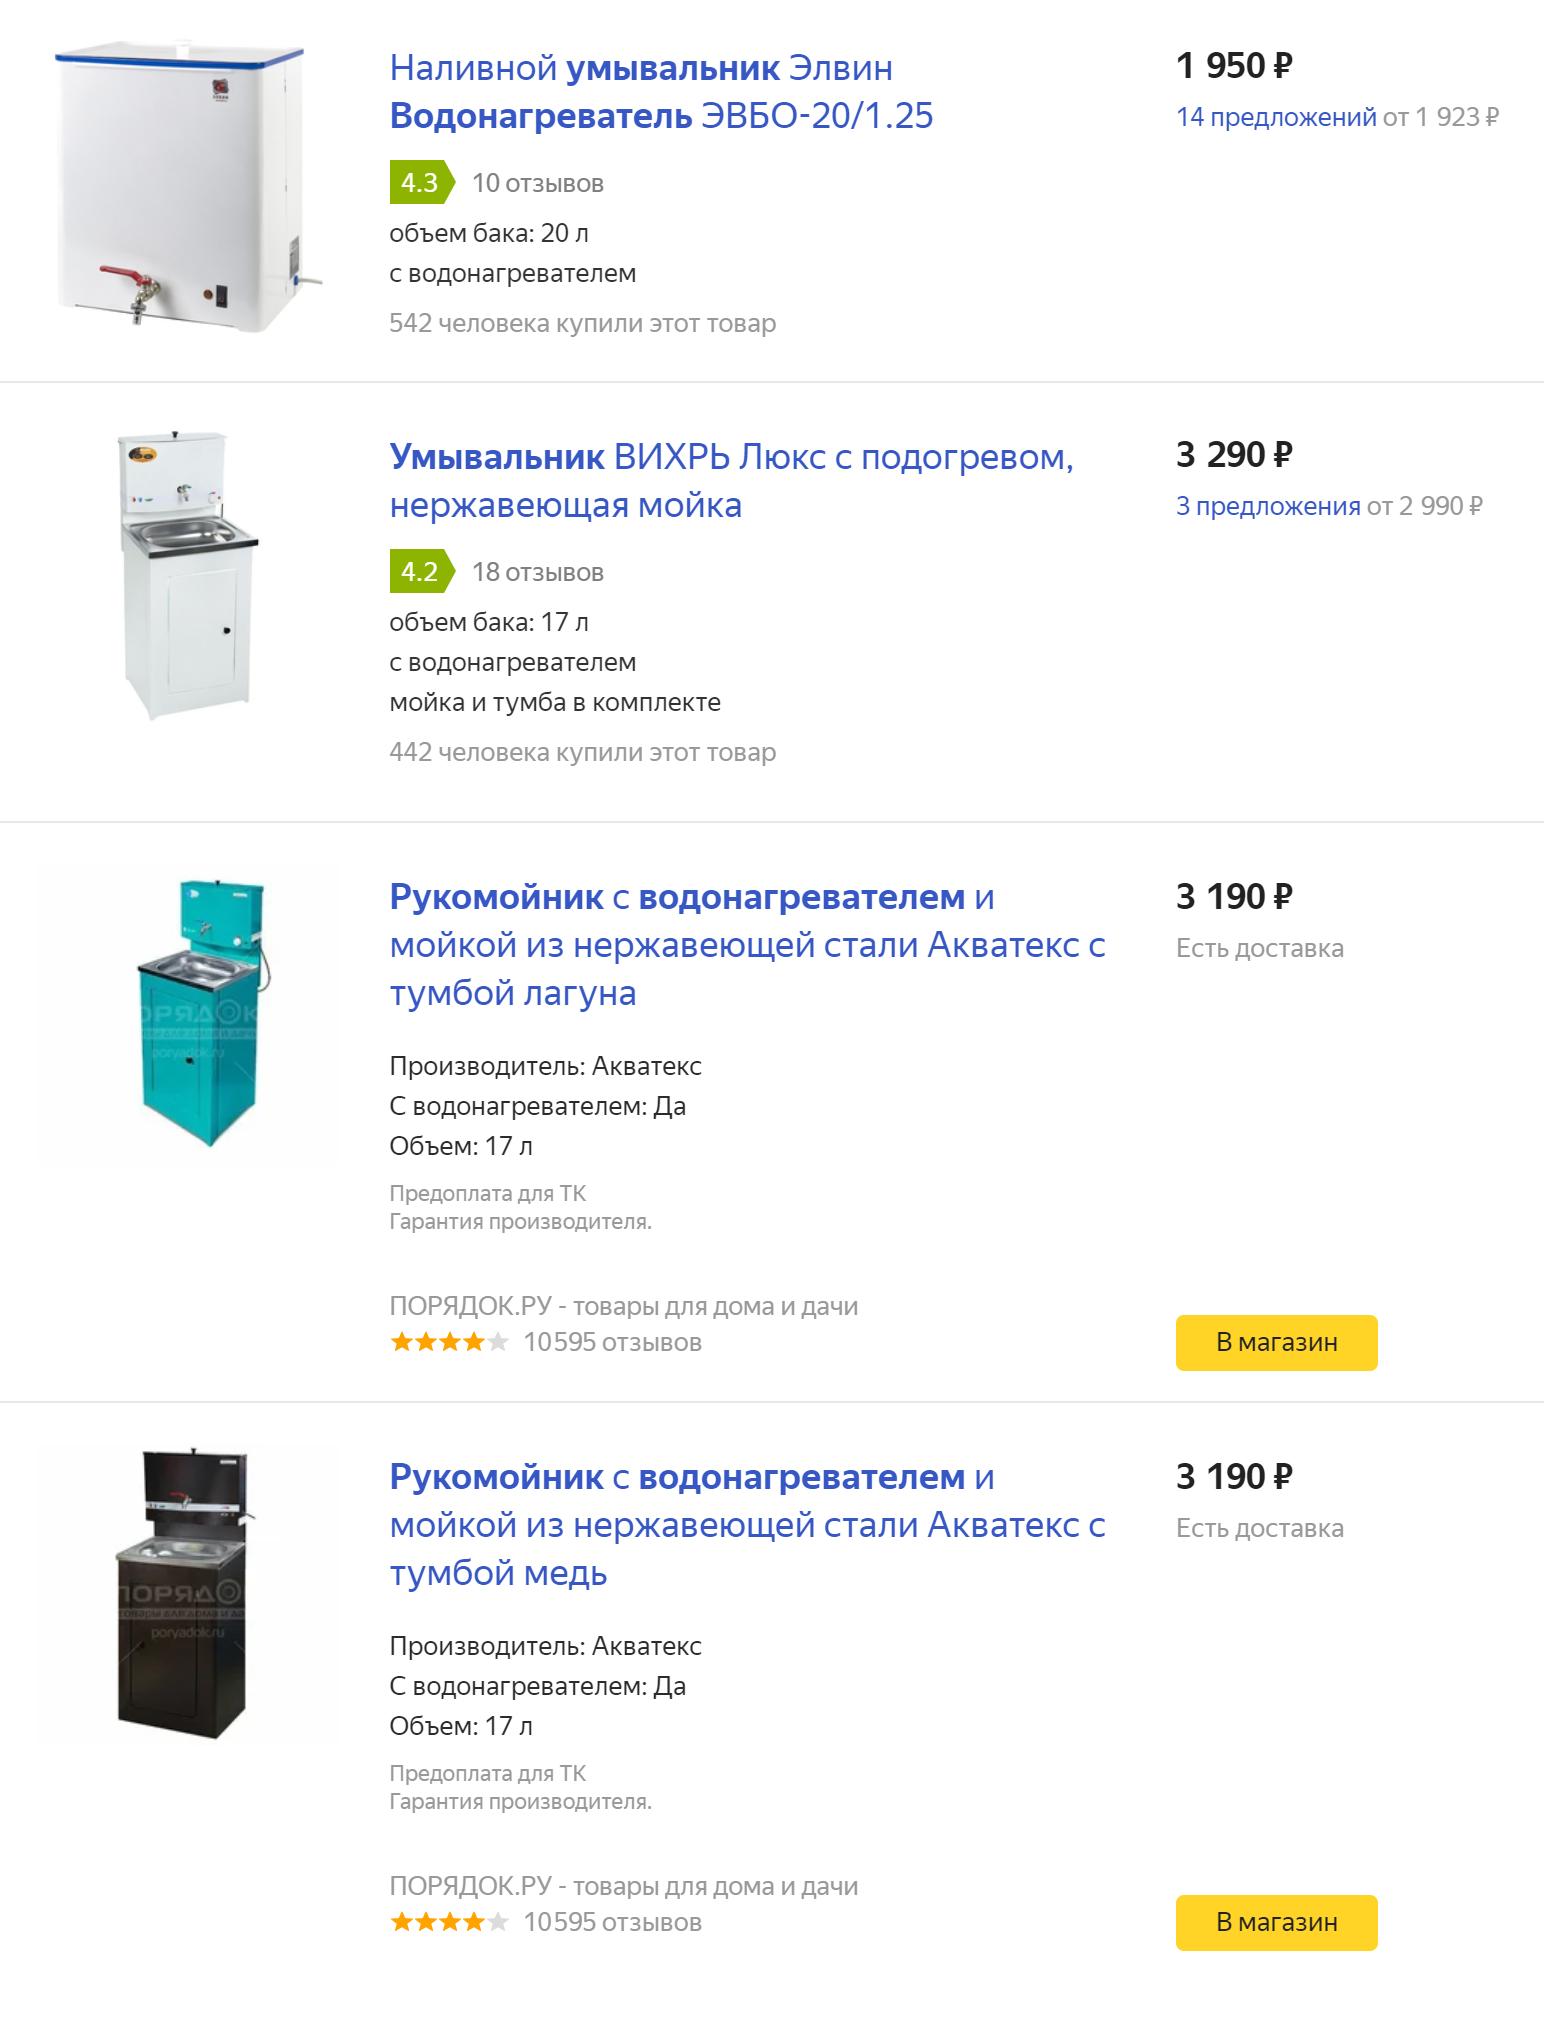 А вот что предлагает «Яндекс-маркет»: первый — наш водонагреватель, ниже варианты готового рукомойника сводонагревателем, раковиной тумбой